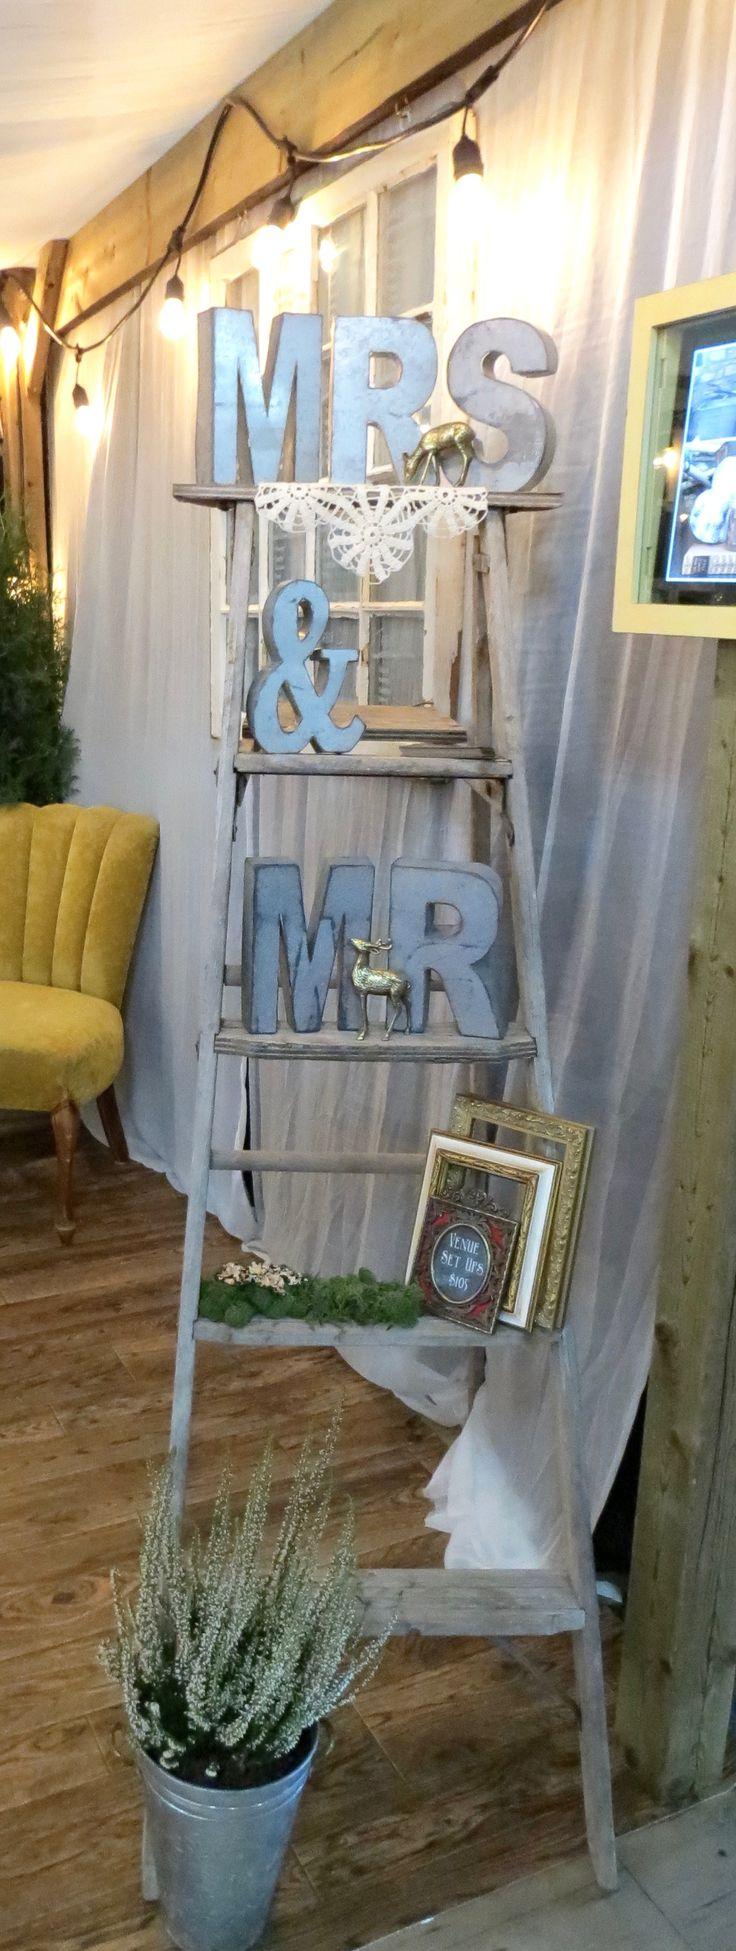 Mr & Mrs Letter on Antique Ladder